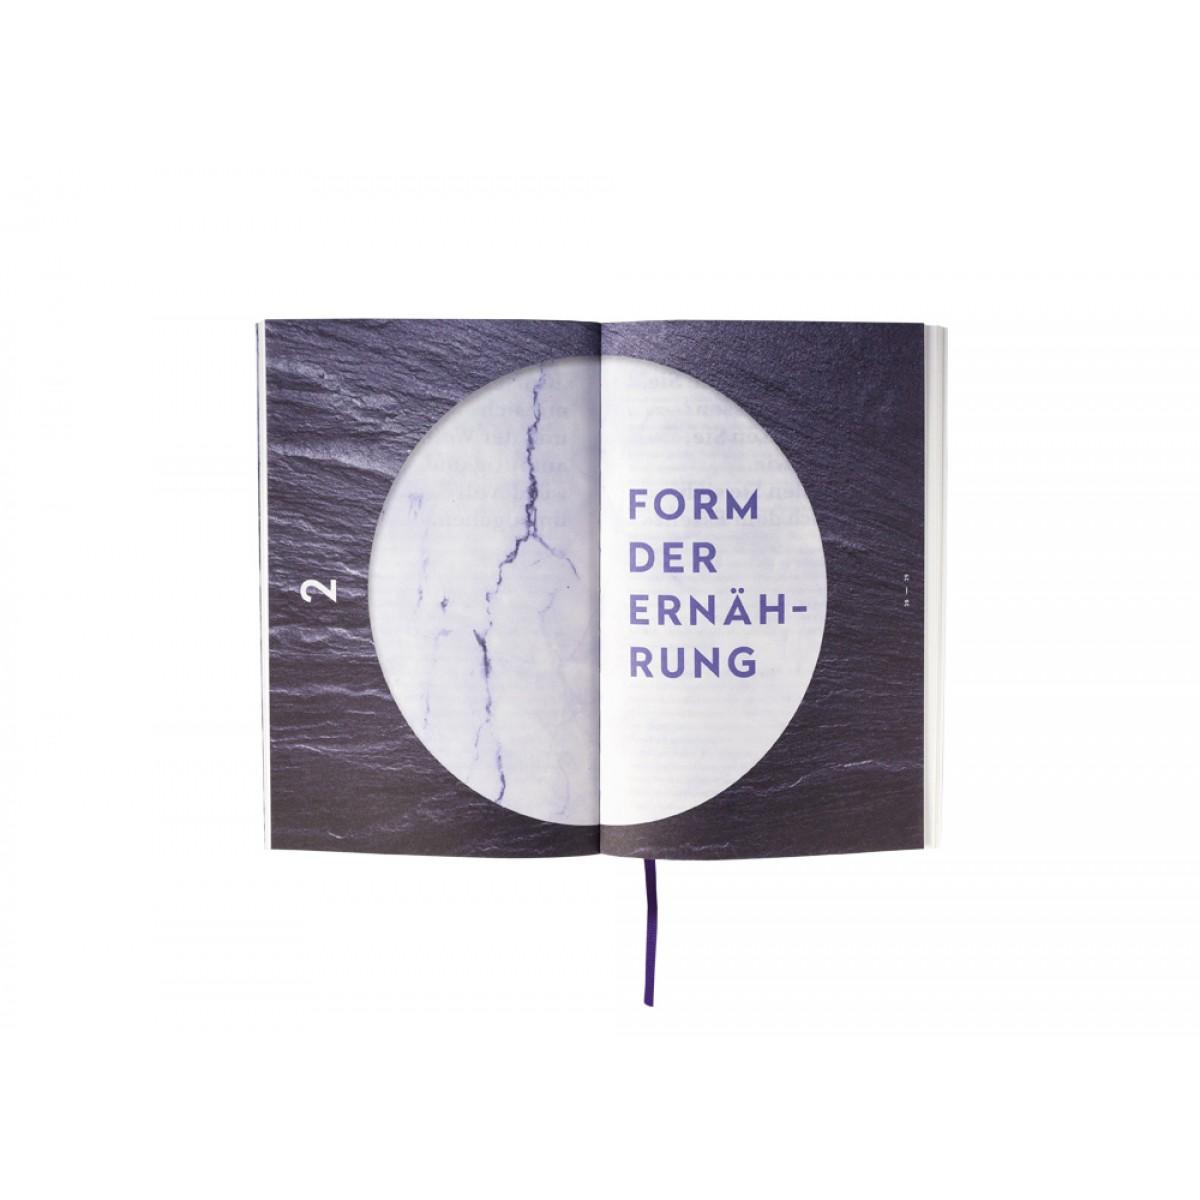 Frank Berzbach: Formbewusstsein. Eine kleine Vernetzung der alltäglichen Dinge.